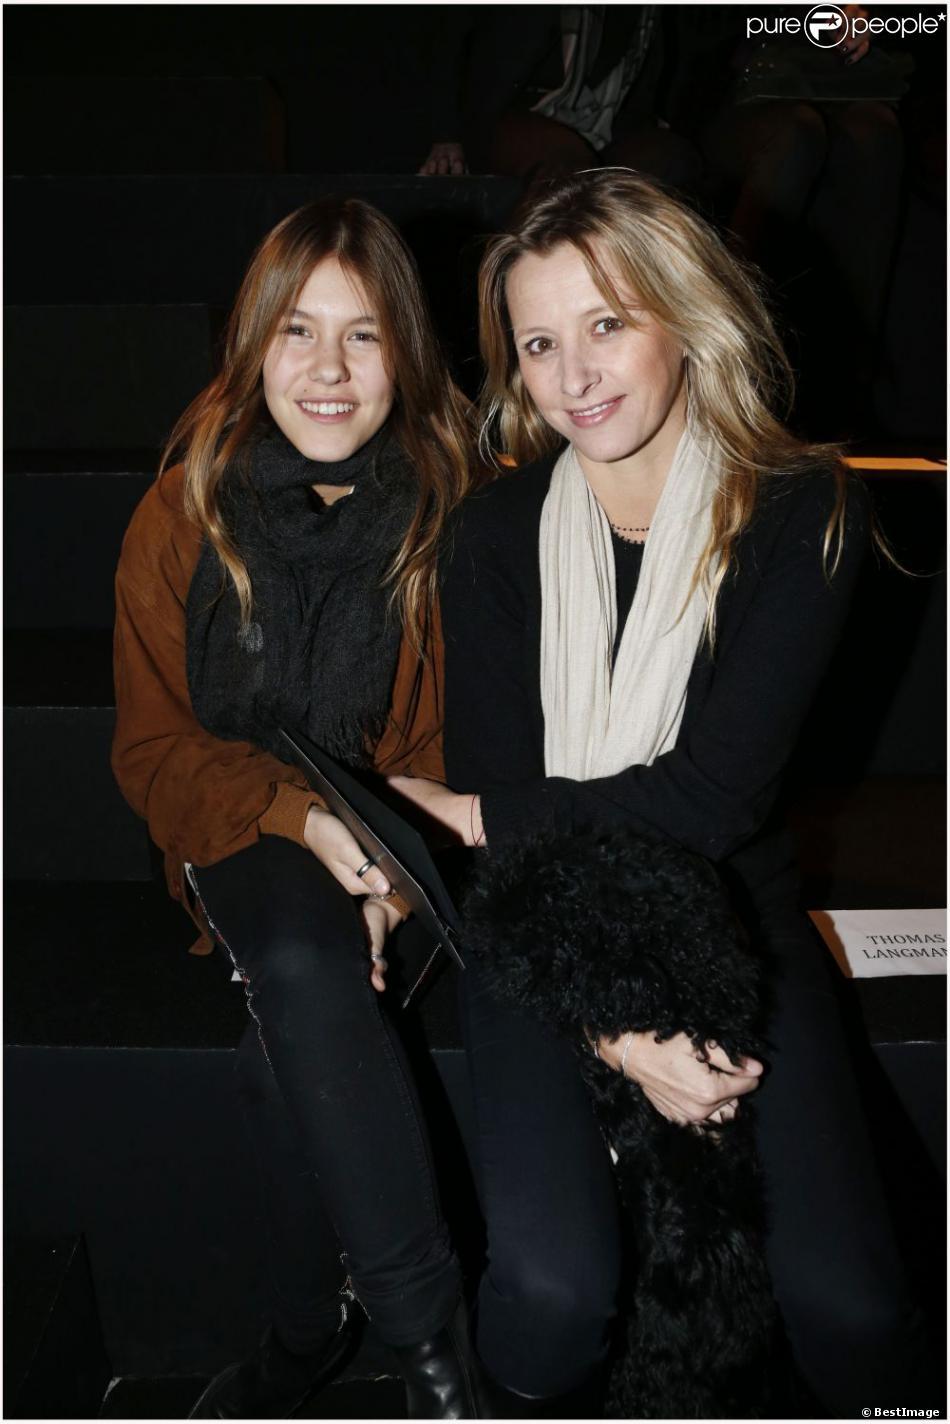 Sarah Lavoine et sa jolie fille Yasmine ont garni le premier rang du défilé Etam lingerie le 26 février 2013 à Paris